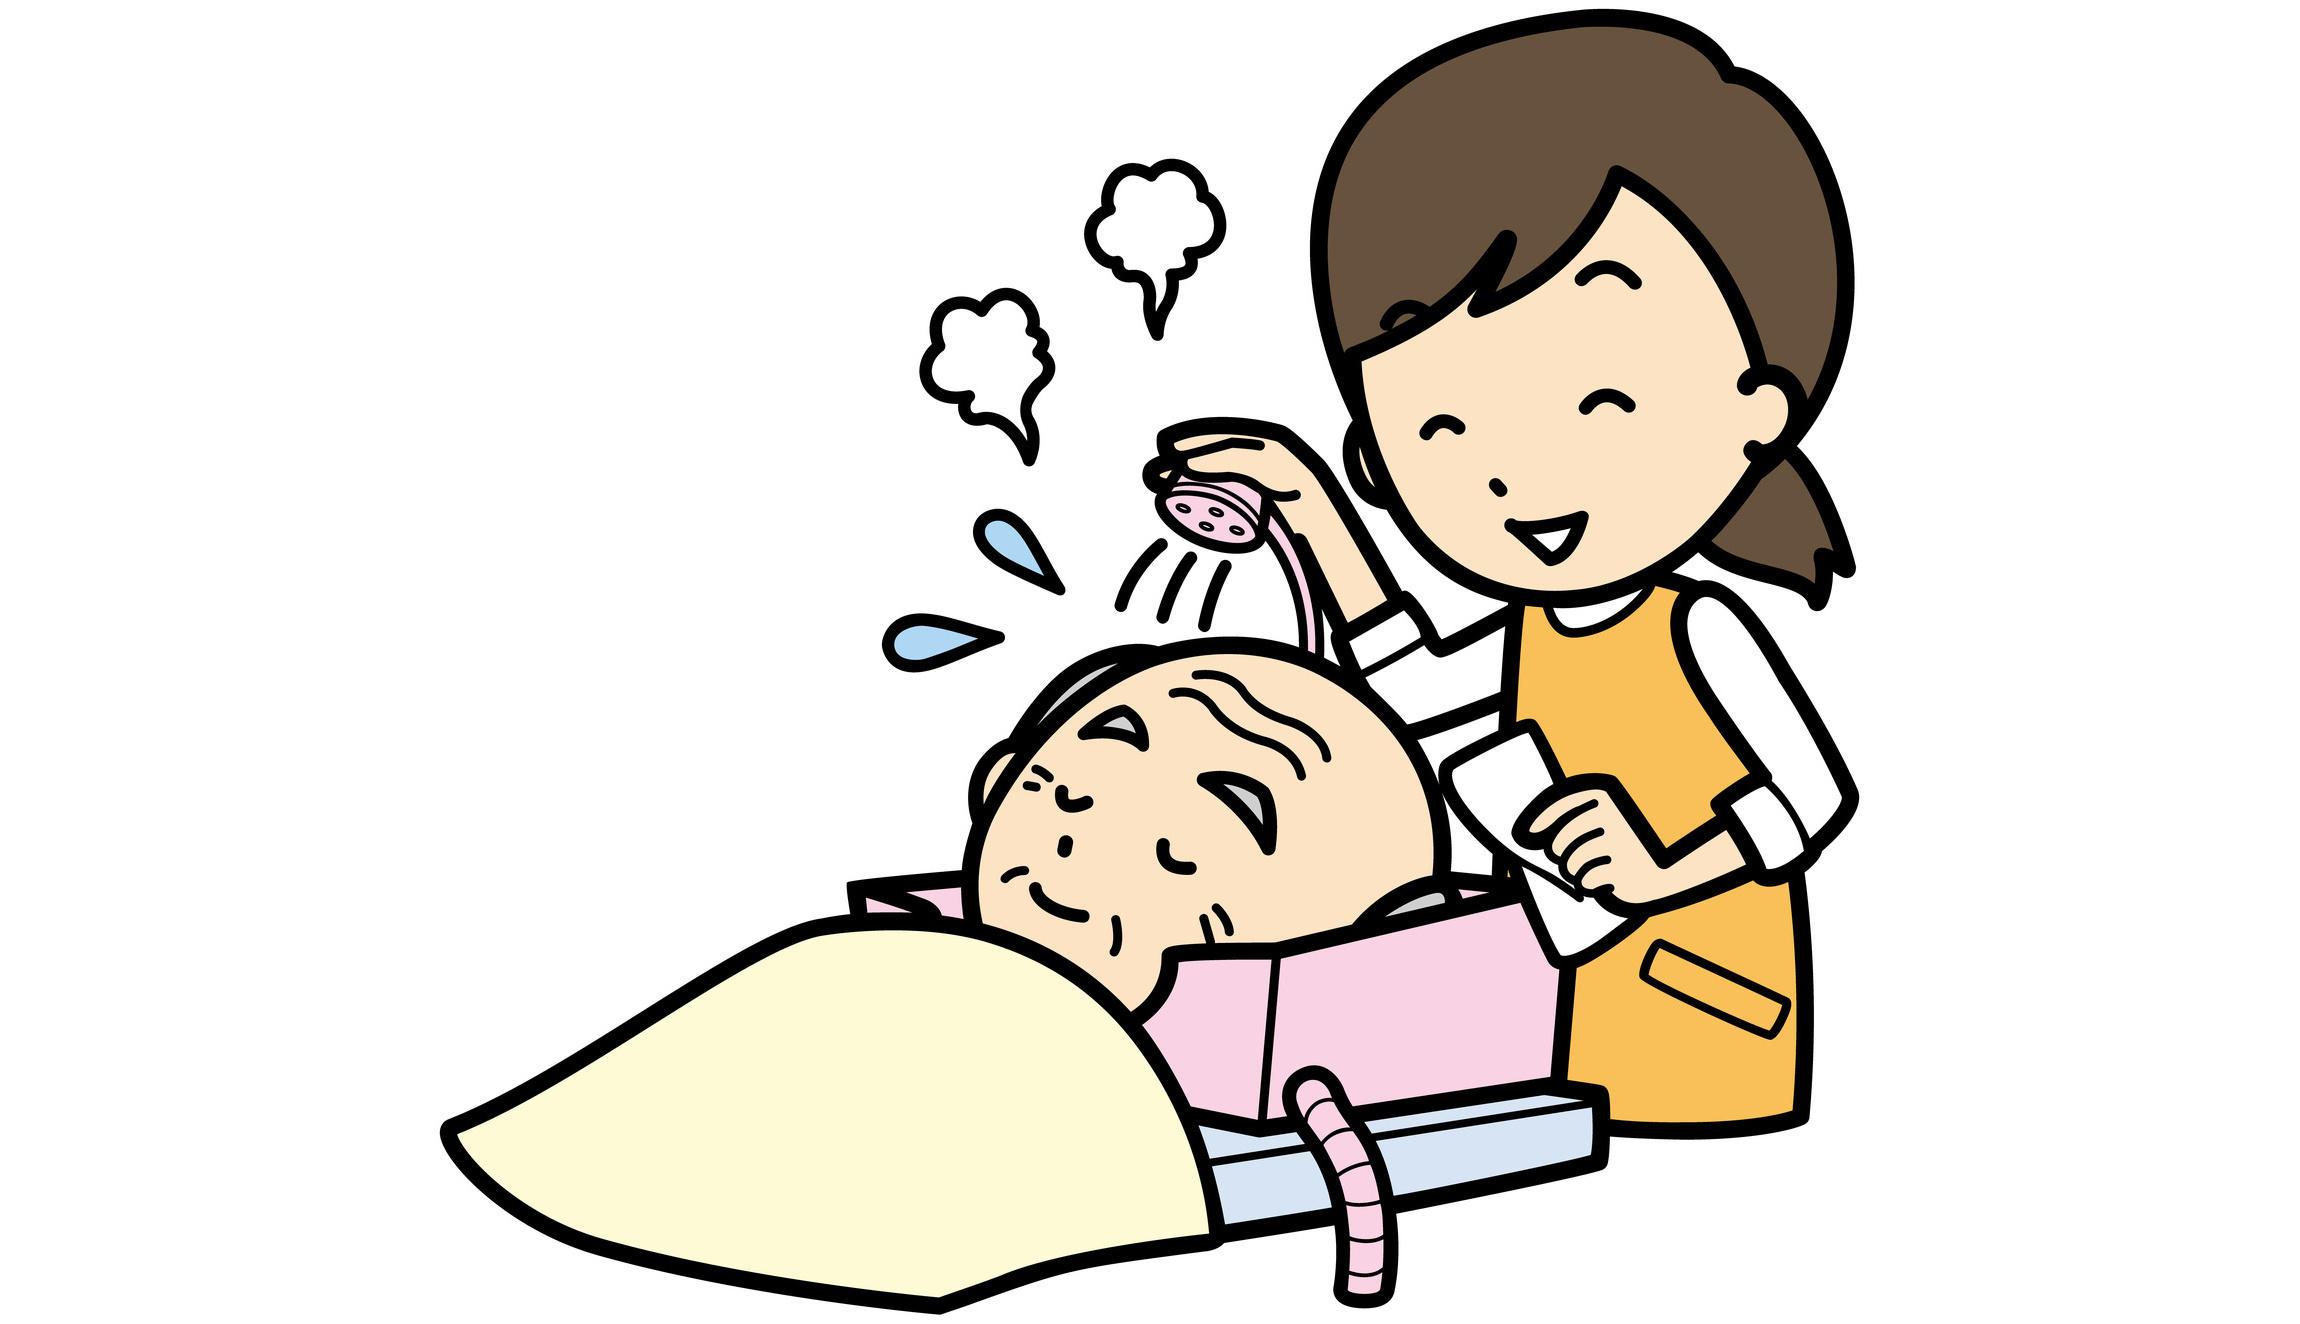 寝たままでもシャンプーですっきりご高齢者の洗髪介助のポイント介護の